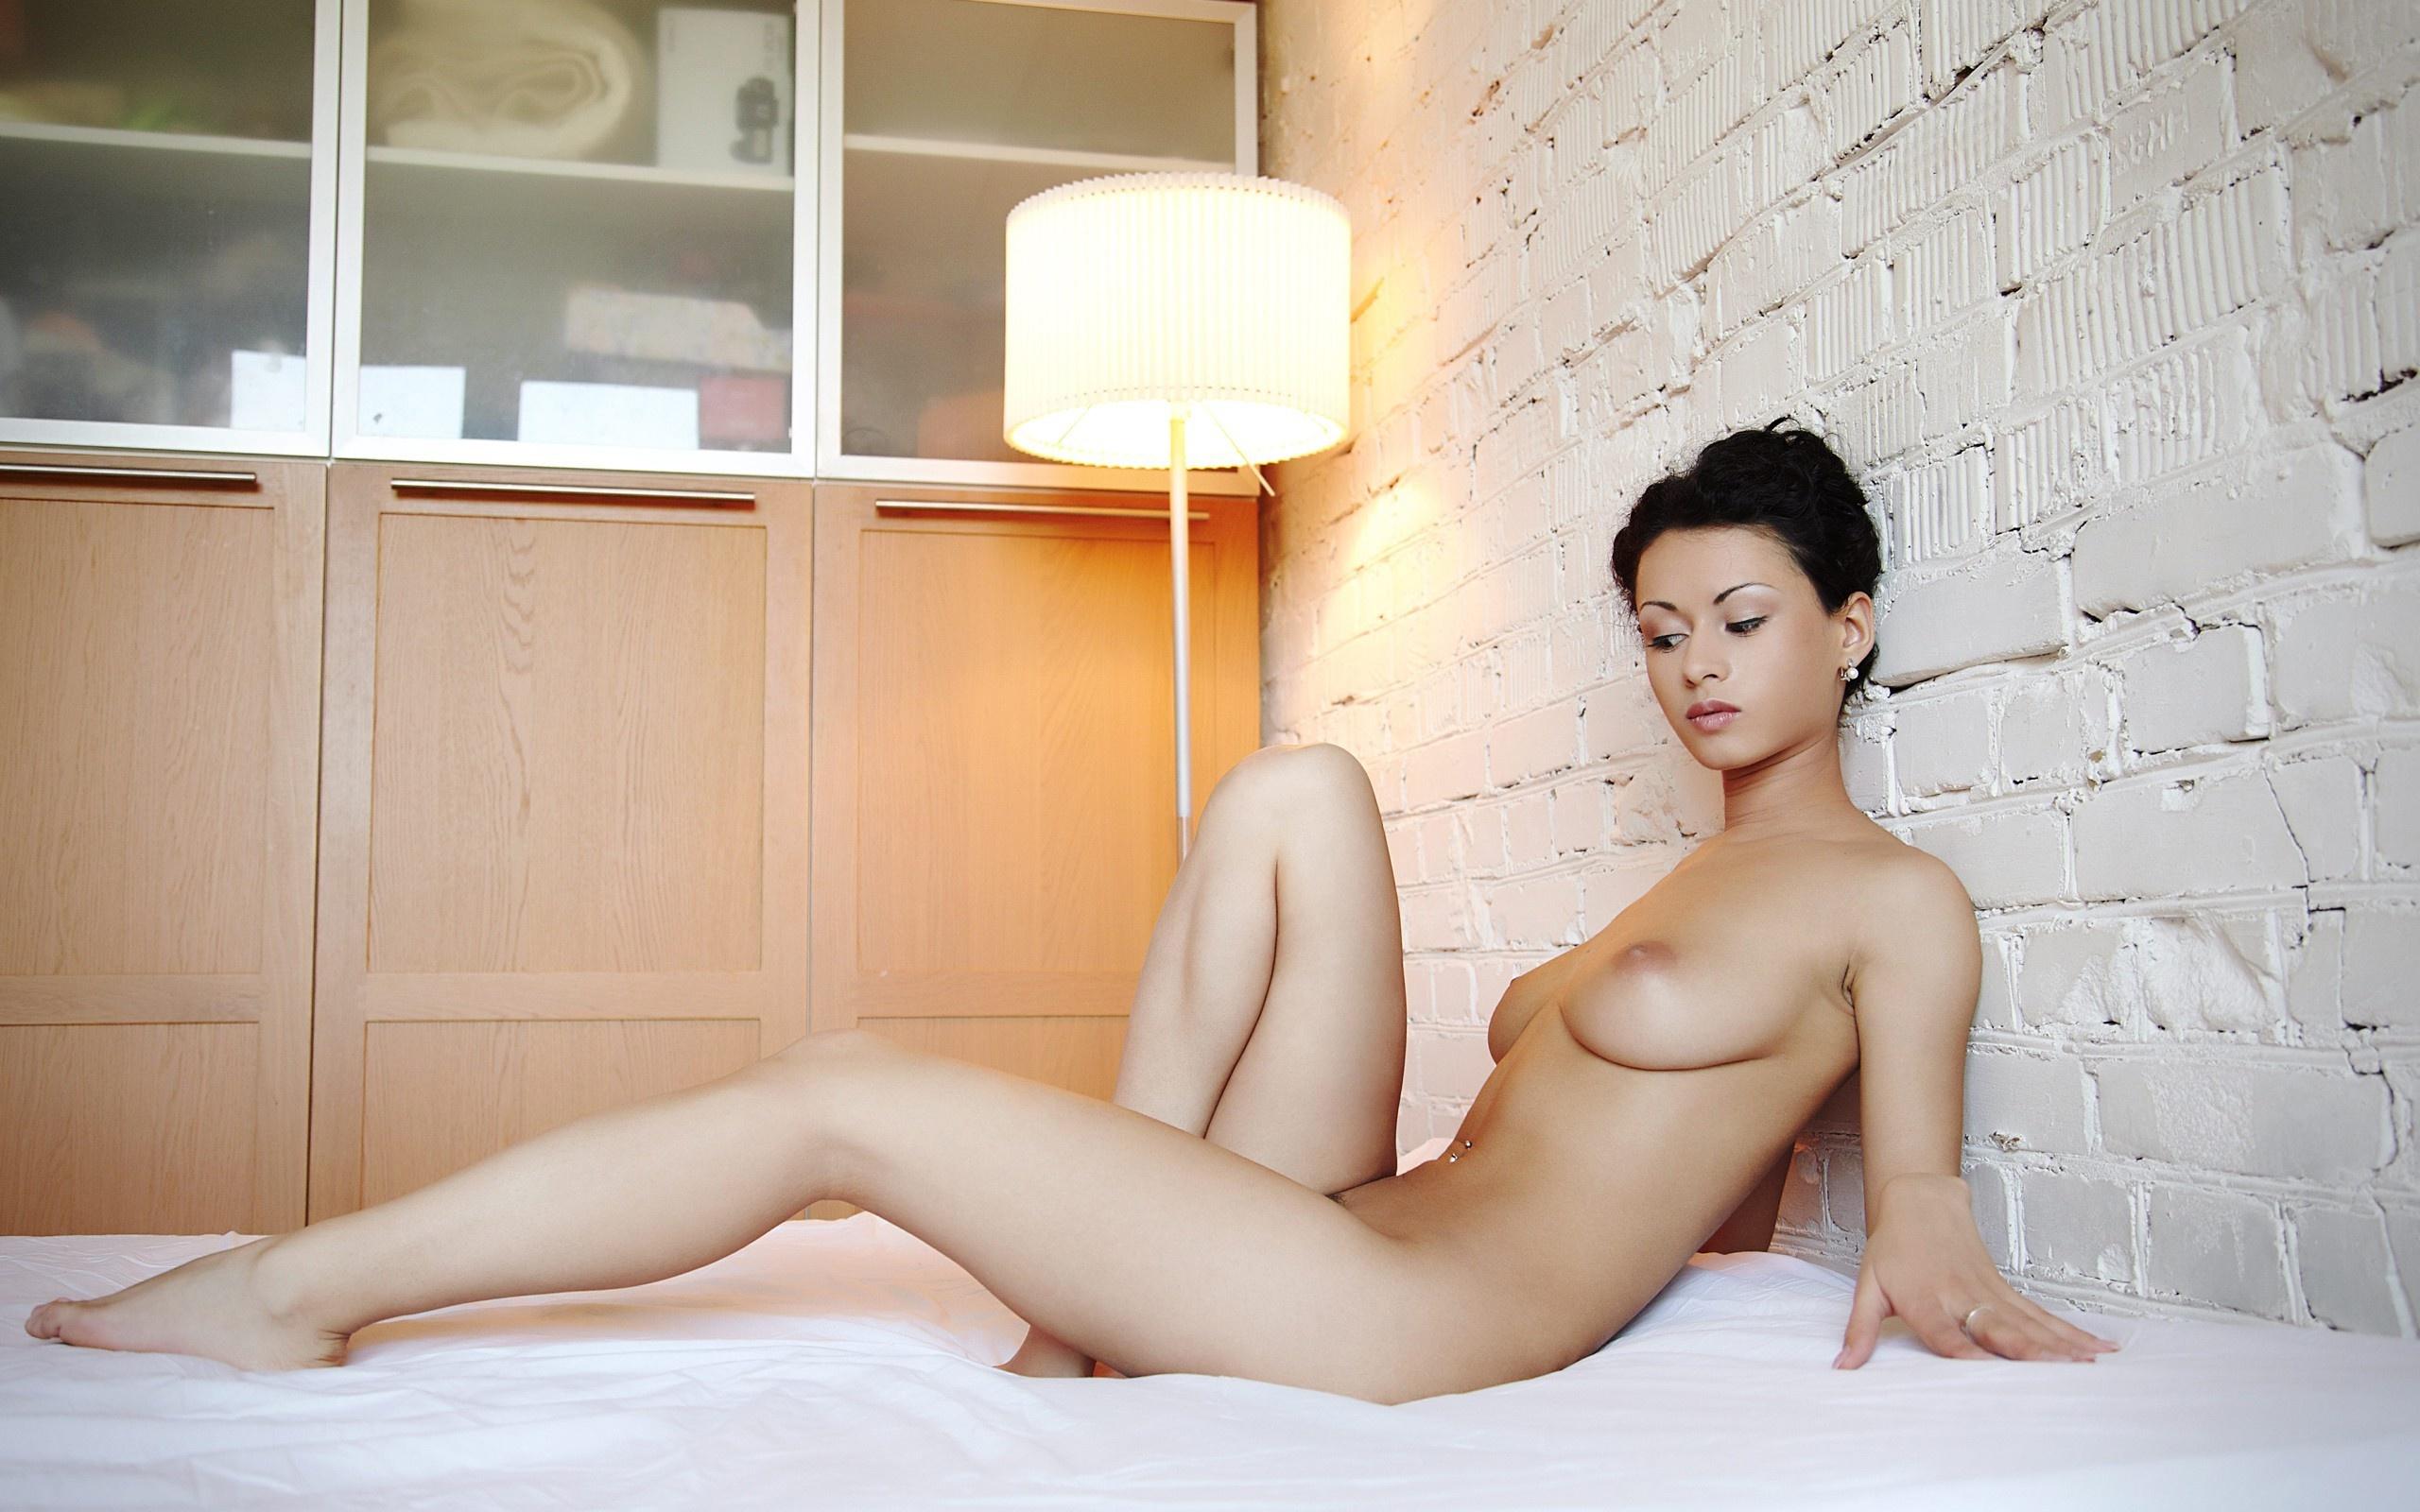 Азиатка разделась в гостиничном номере порно фото бесплатно